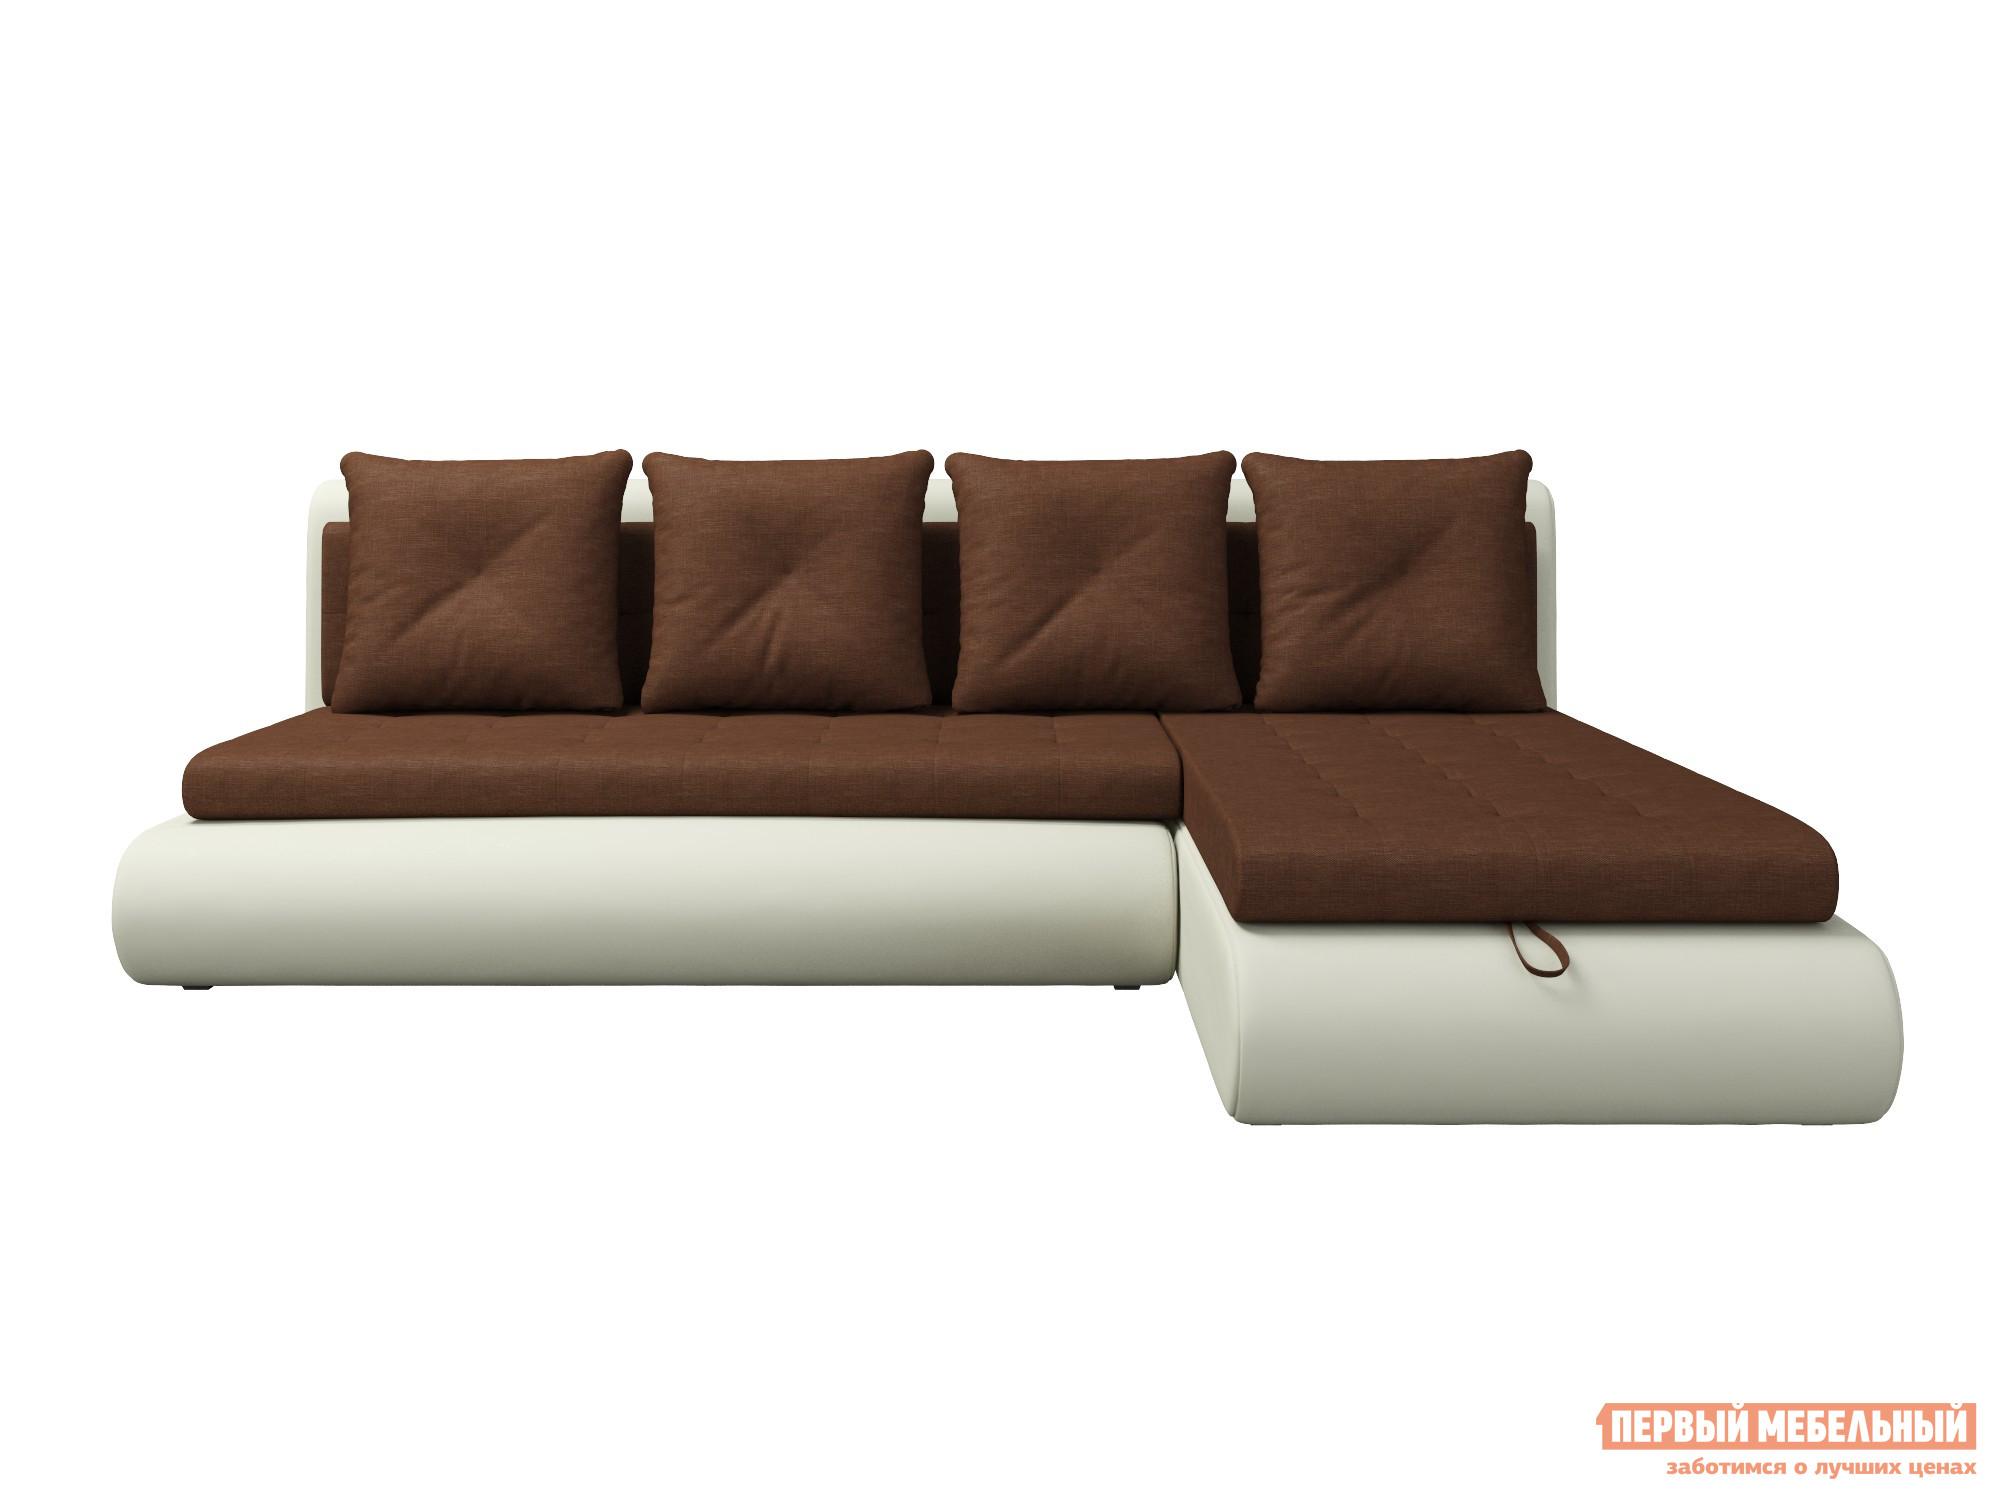 Угловой диван WOODCRAFT Кормак диван угловой woodcraft вендор джеральд 3 универсальный